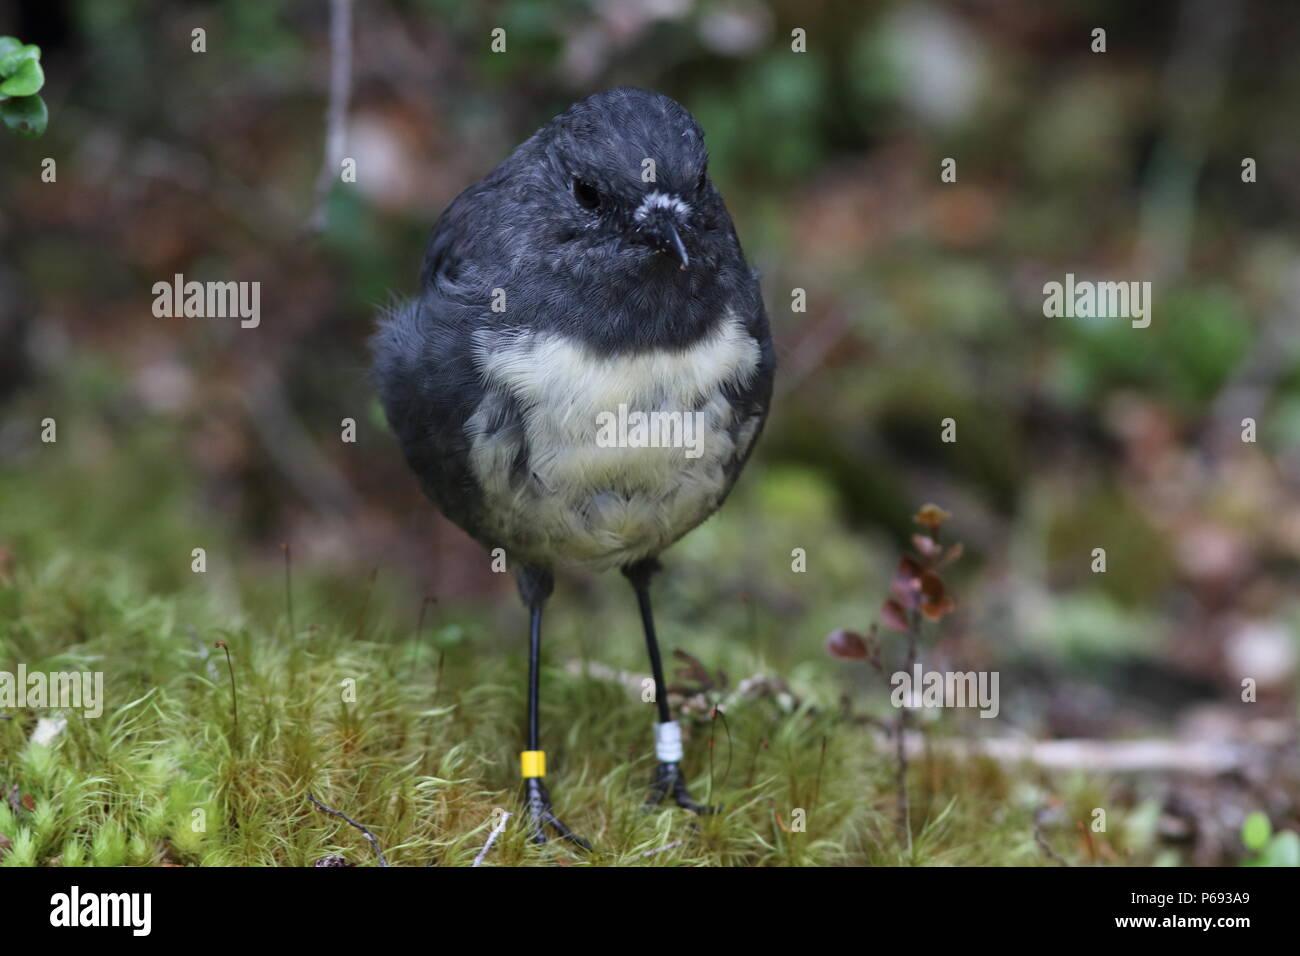 Bird Rings Stock Photos & Bird Rings Stock Images - Alamy